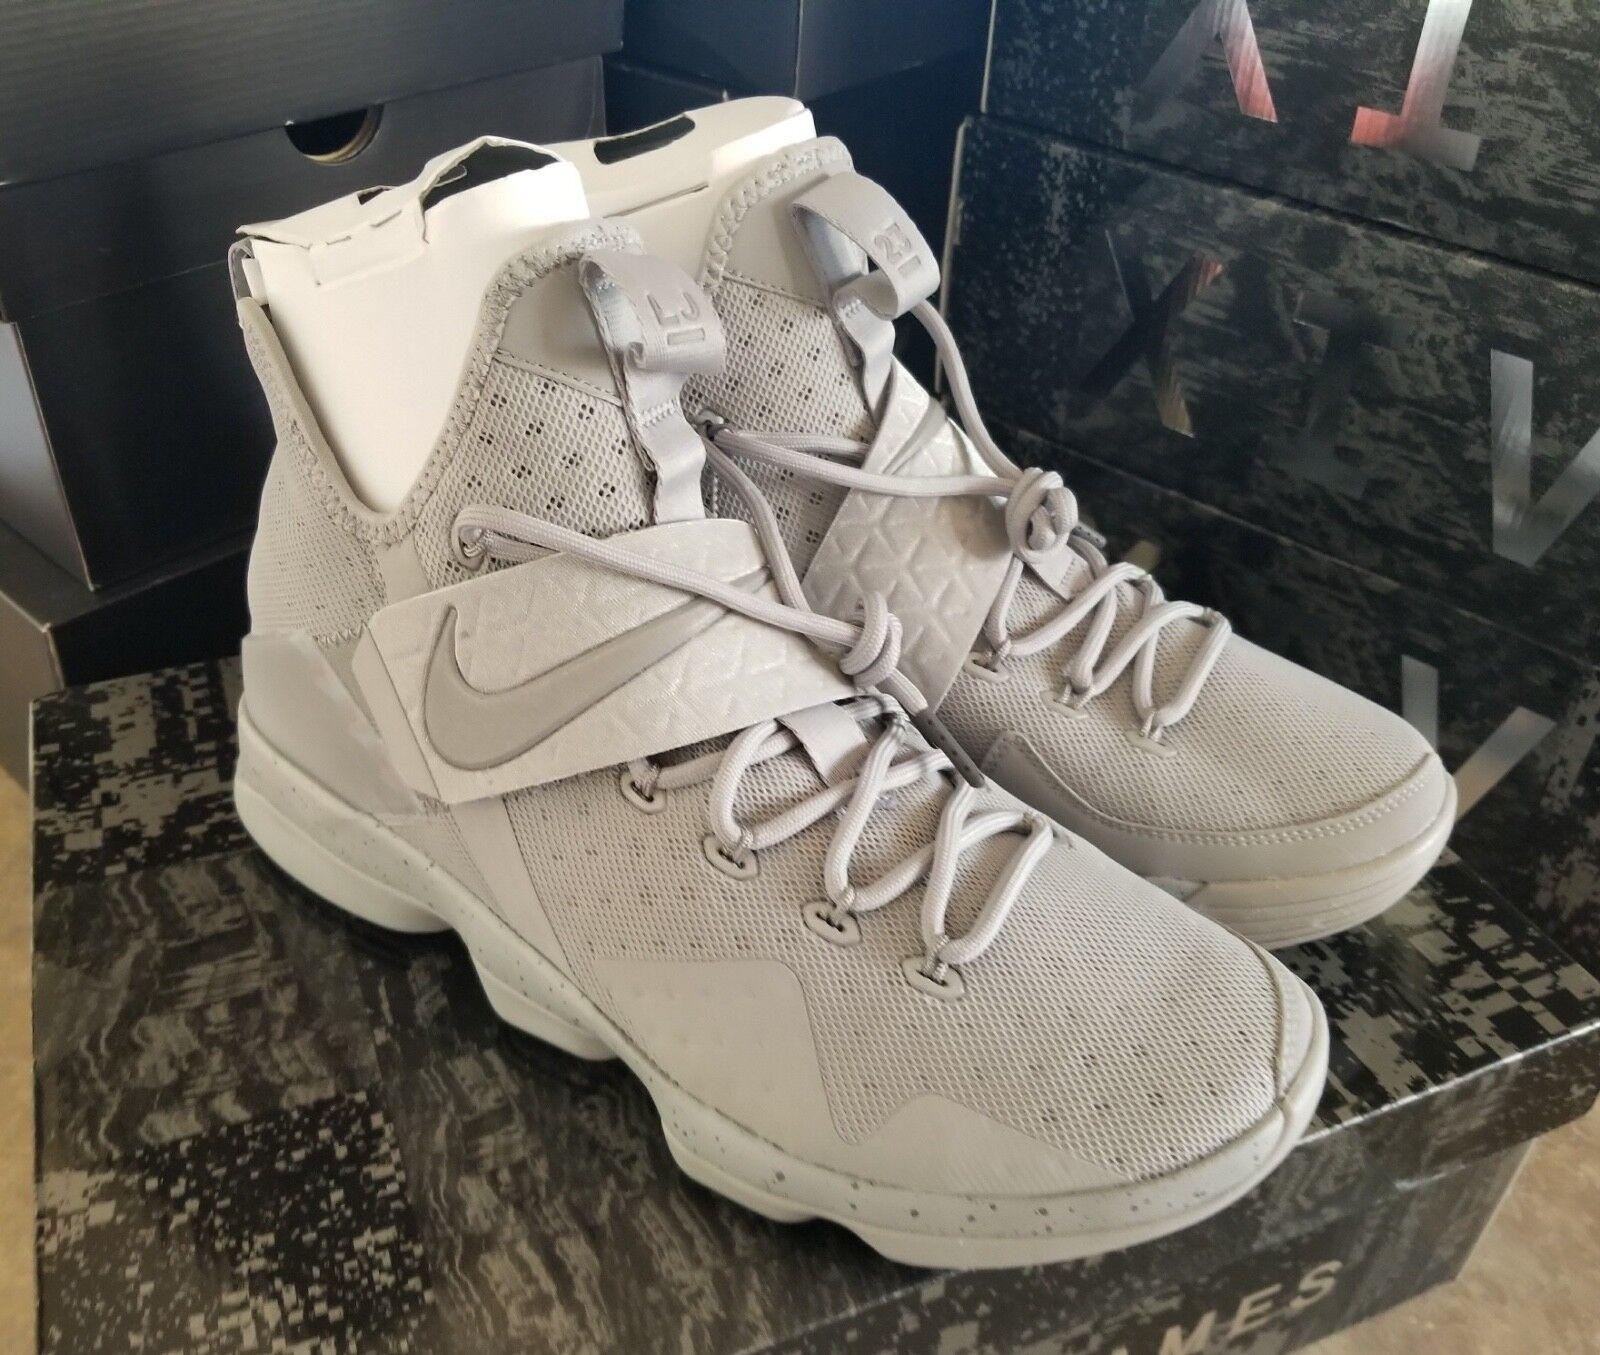 e1ae095899 Nike LEBRON XIV 14 - 3M Silver Reflect Silver LBJ Sneakers (852405 007) -